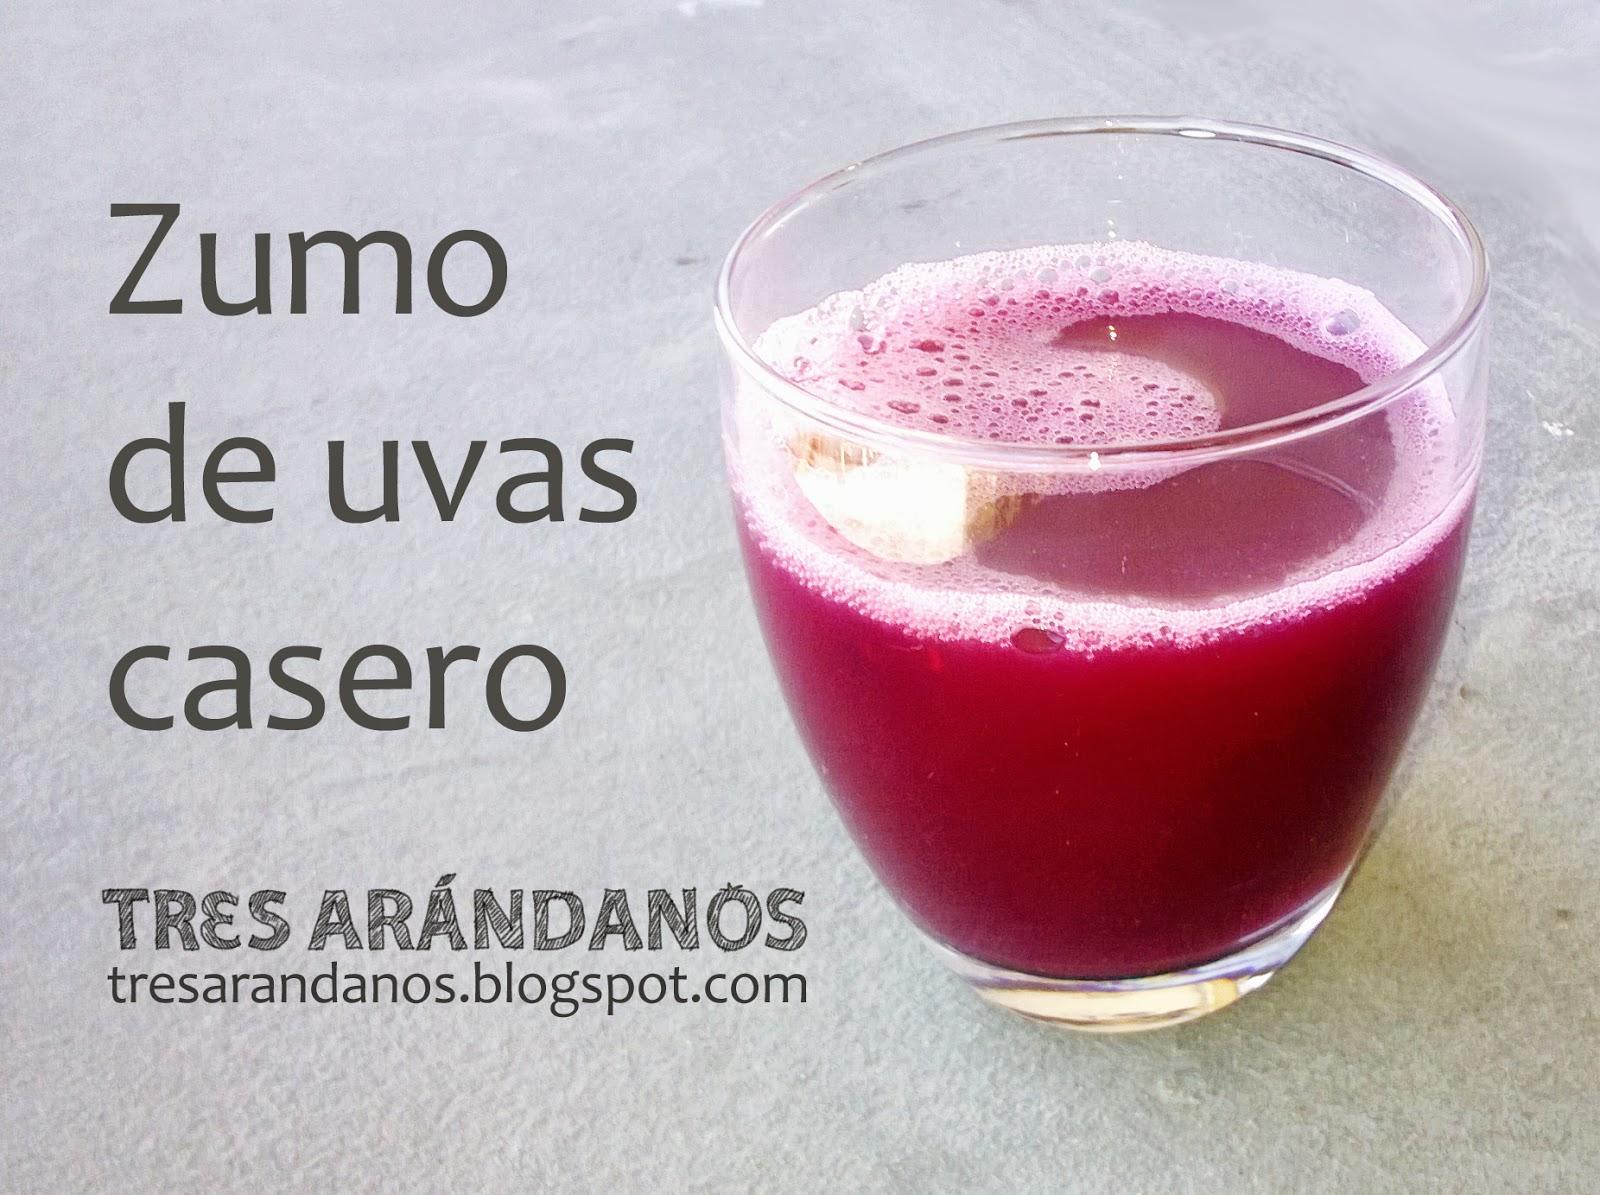 zumo de uvas casero